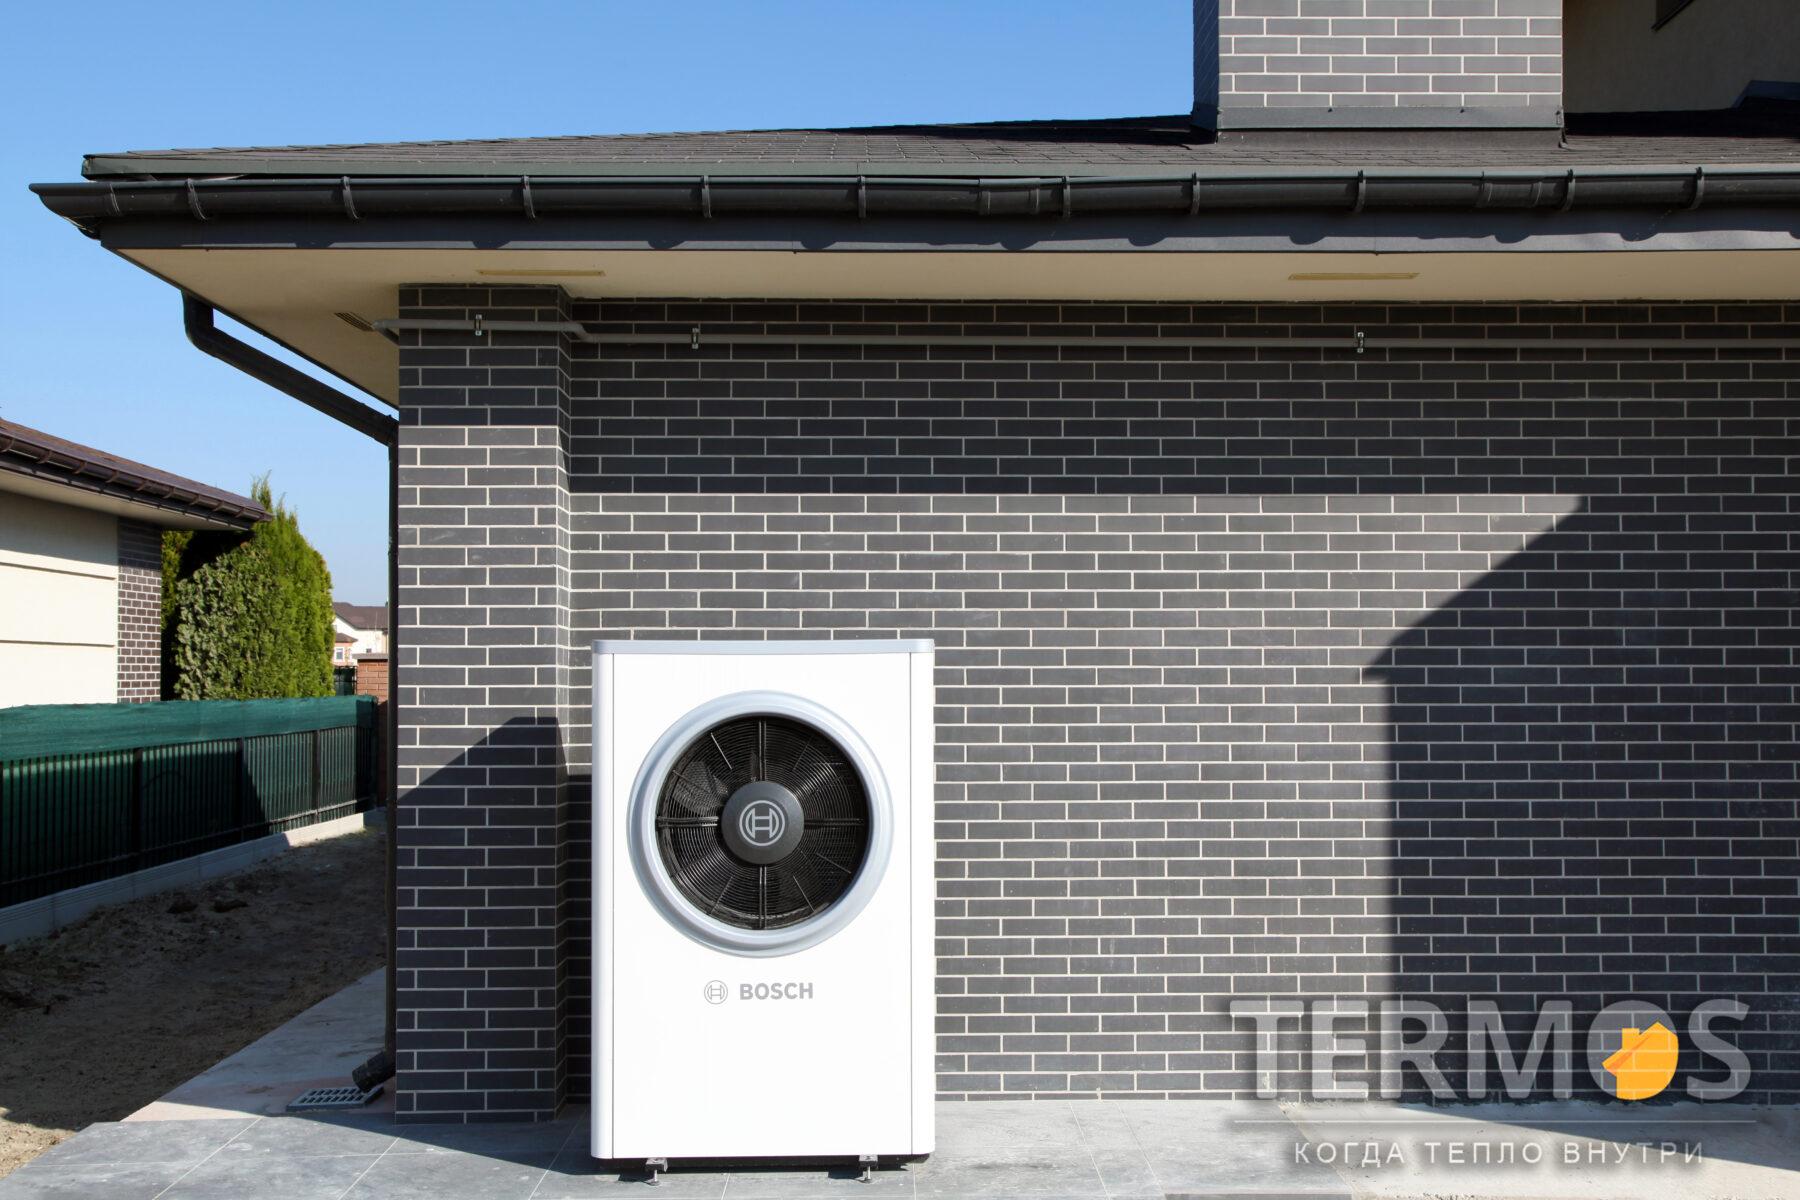 Функции: отопления дома радиаторами и теплым полом, приготовления горячей воды, нагрев бассейна, охлаждения дома летом, управление системой через интернет